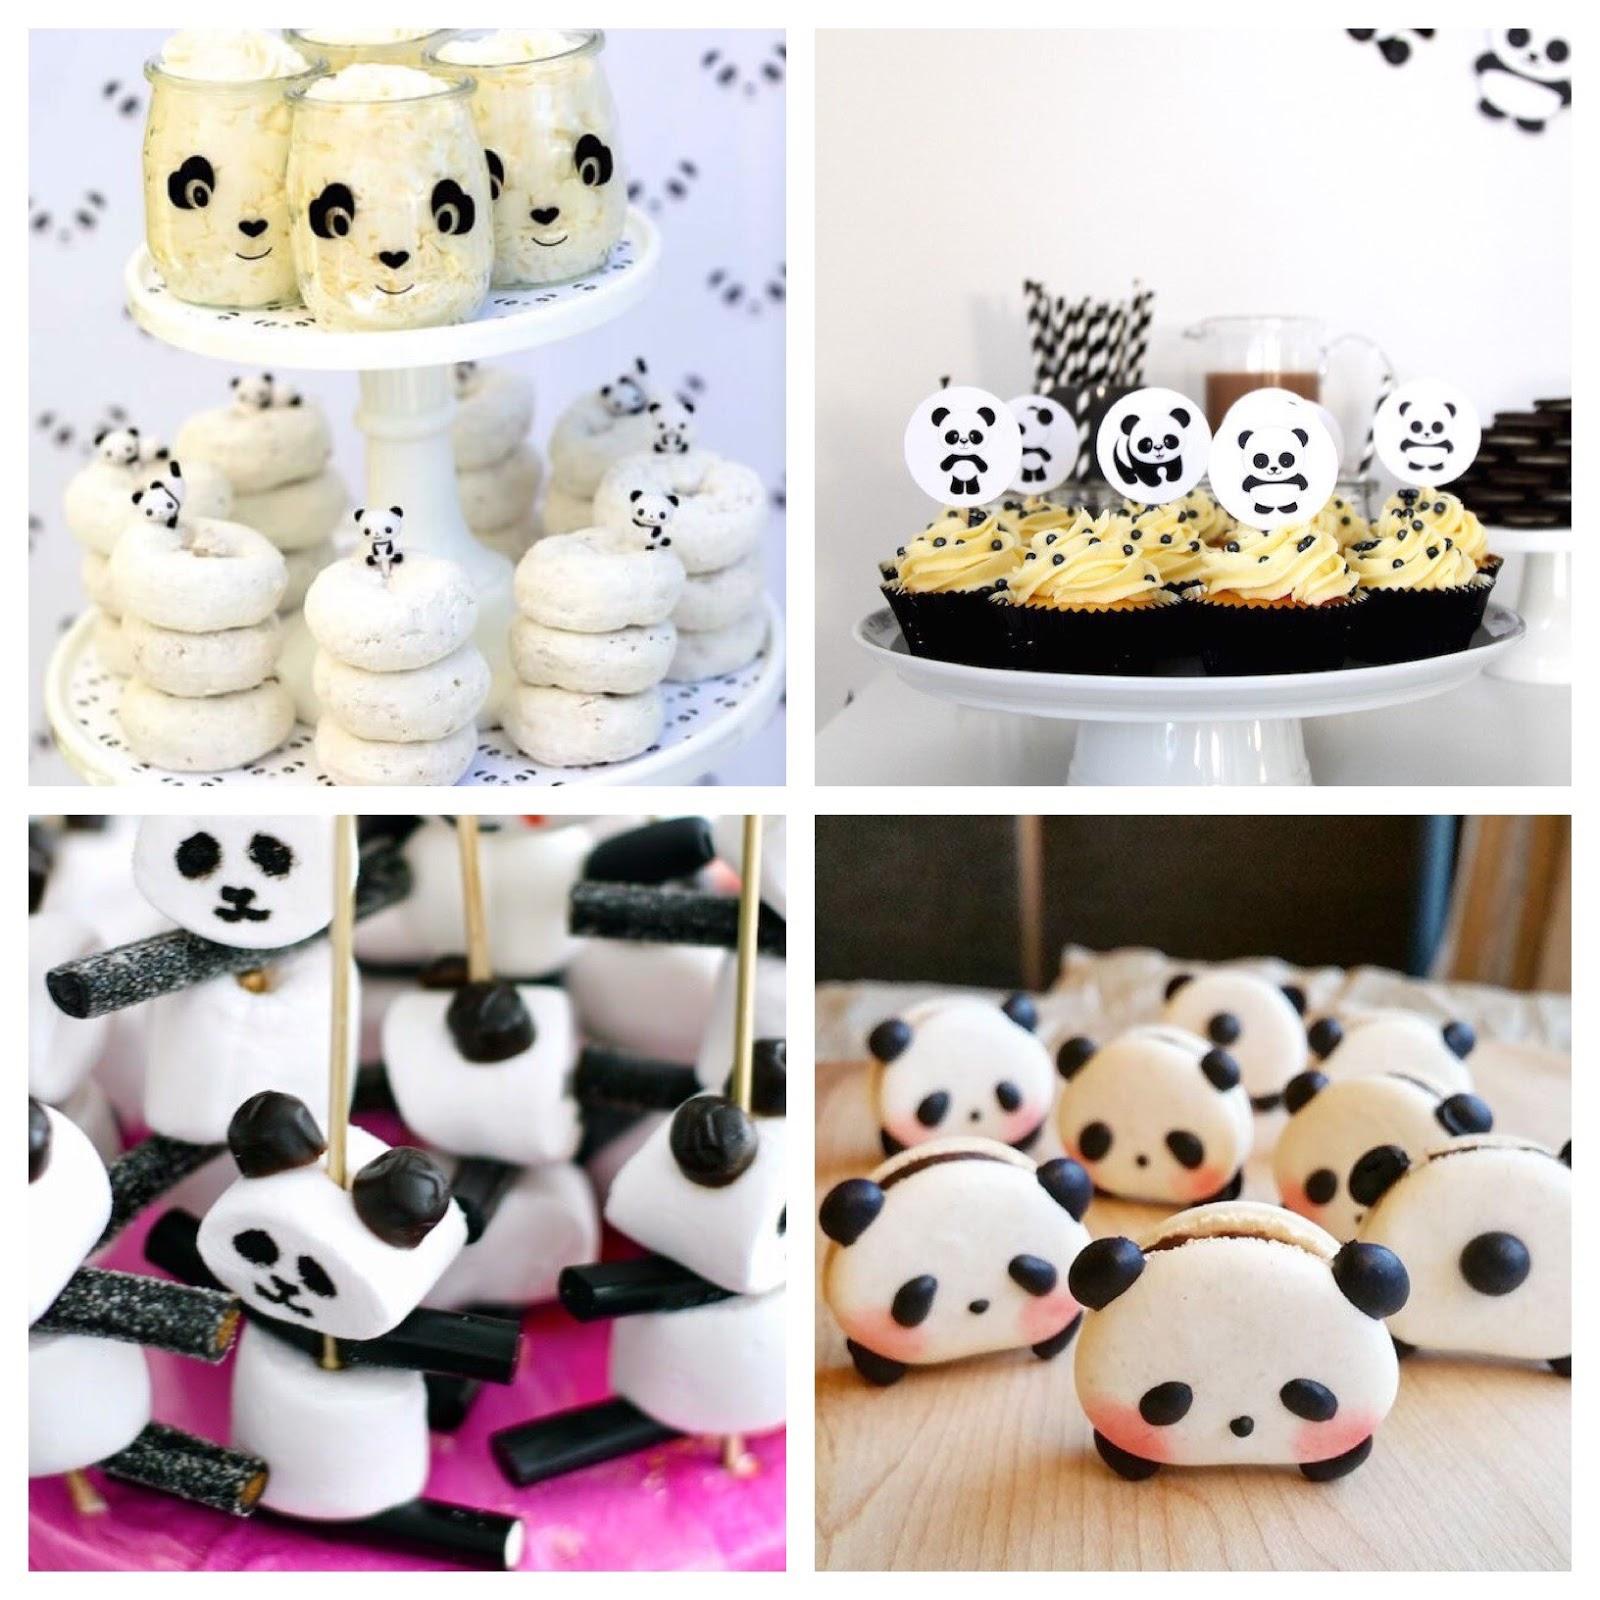 Fabriquer Une Pinata Facile Et Rapide 2 bougies et un anniversaire panda ! - lm et compagnie